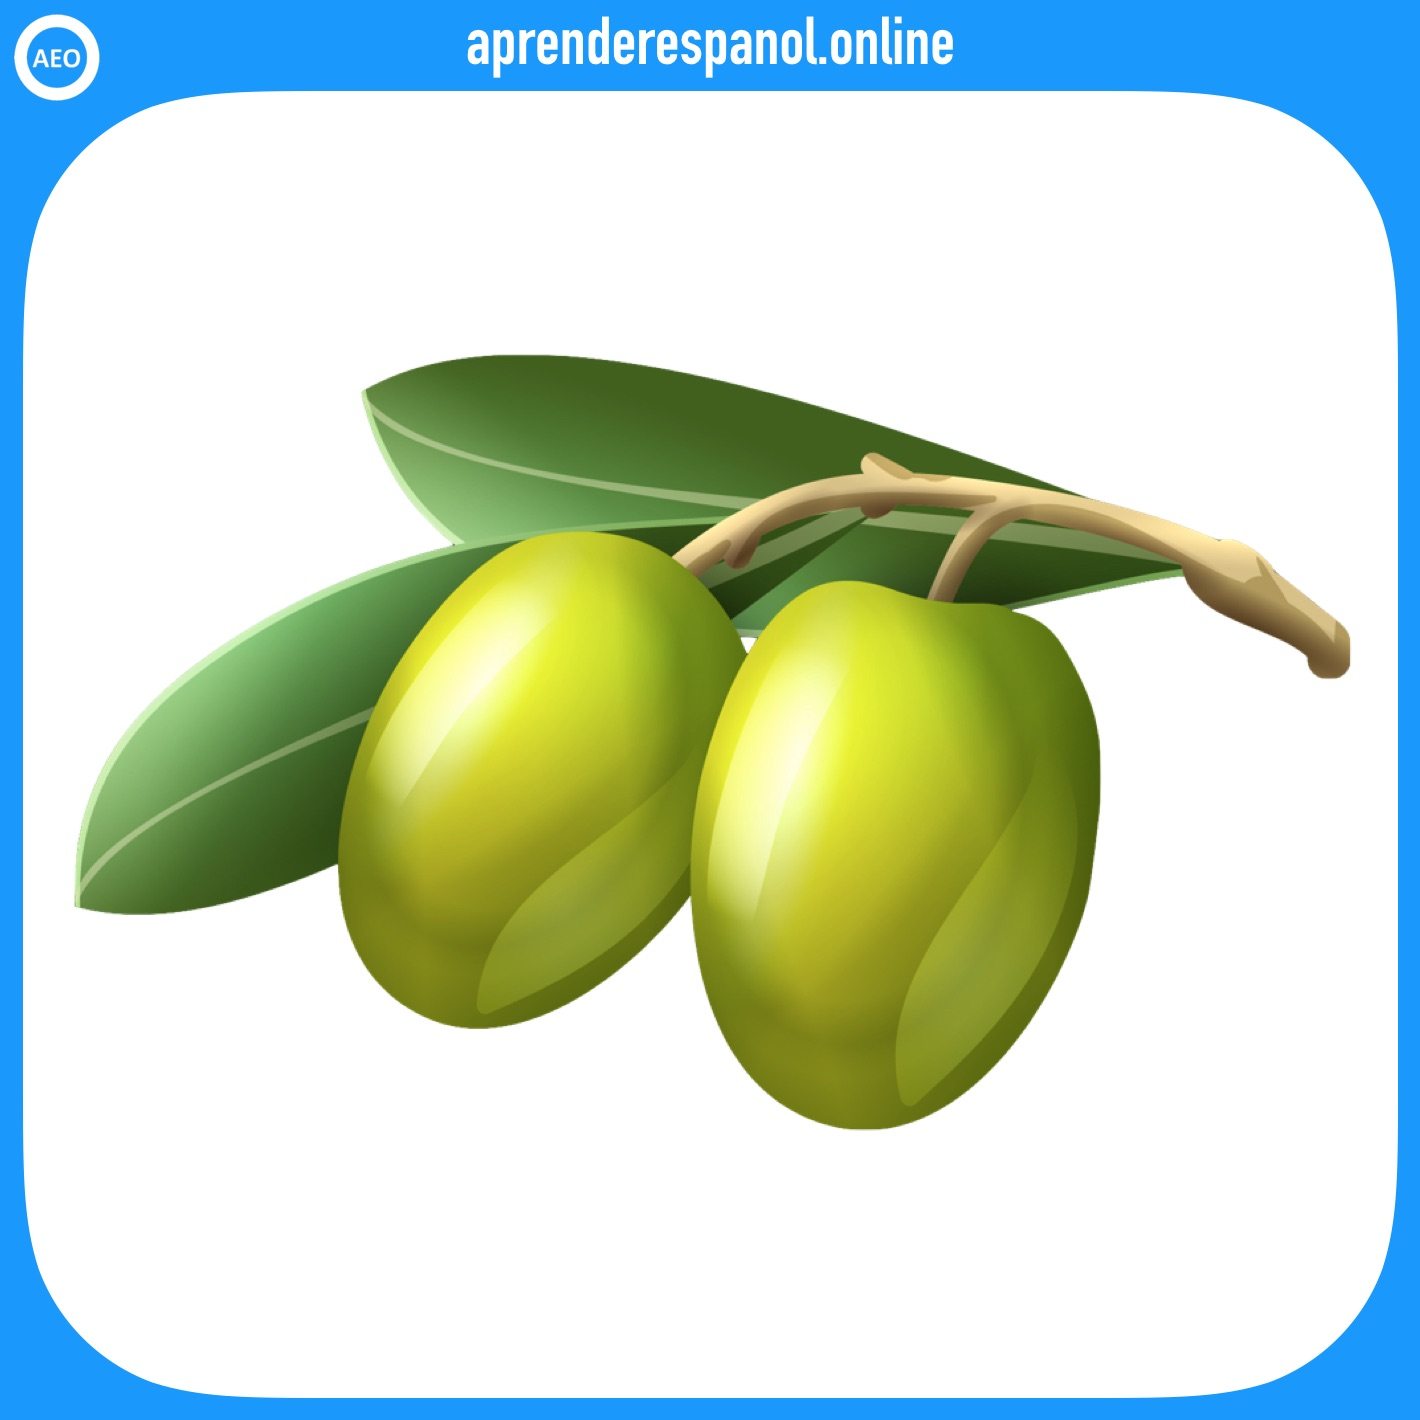 aceituna | verduras en español | vocabulario de las verduras en español